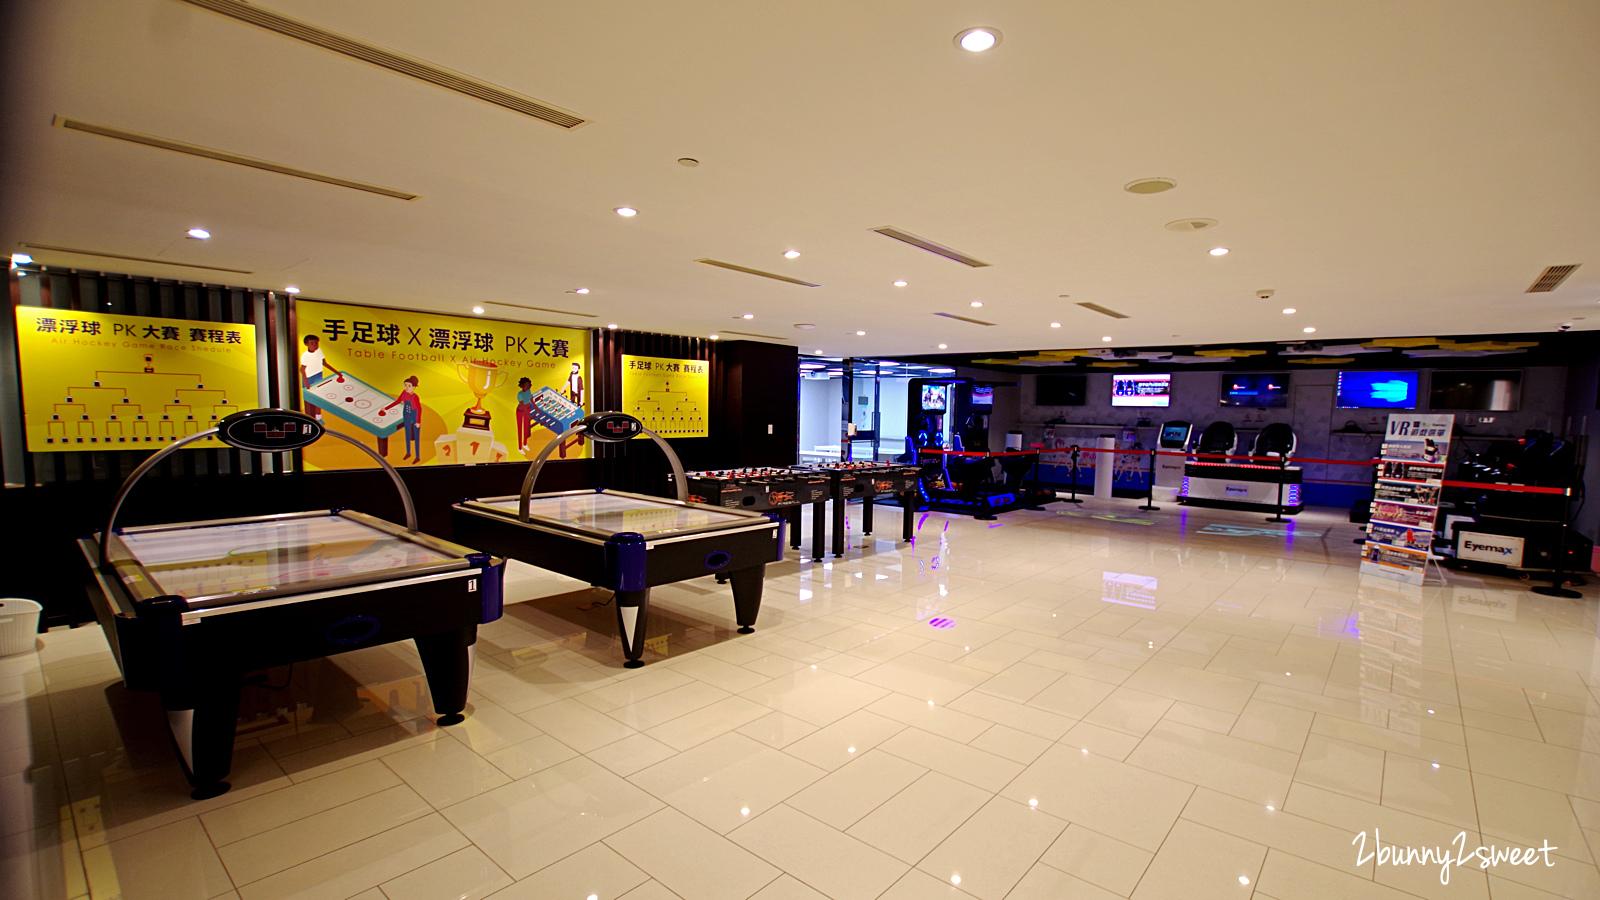 2019-0706-北投亞太飯店-44.jpg